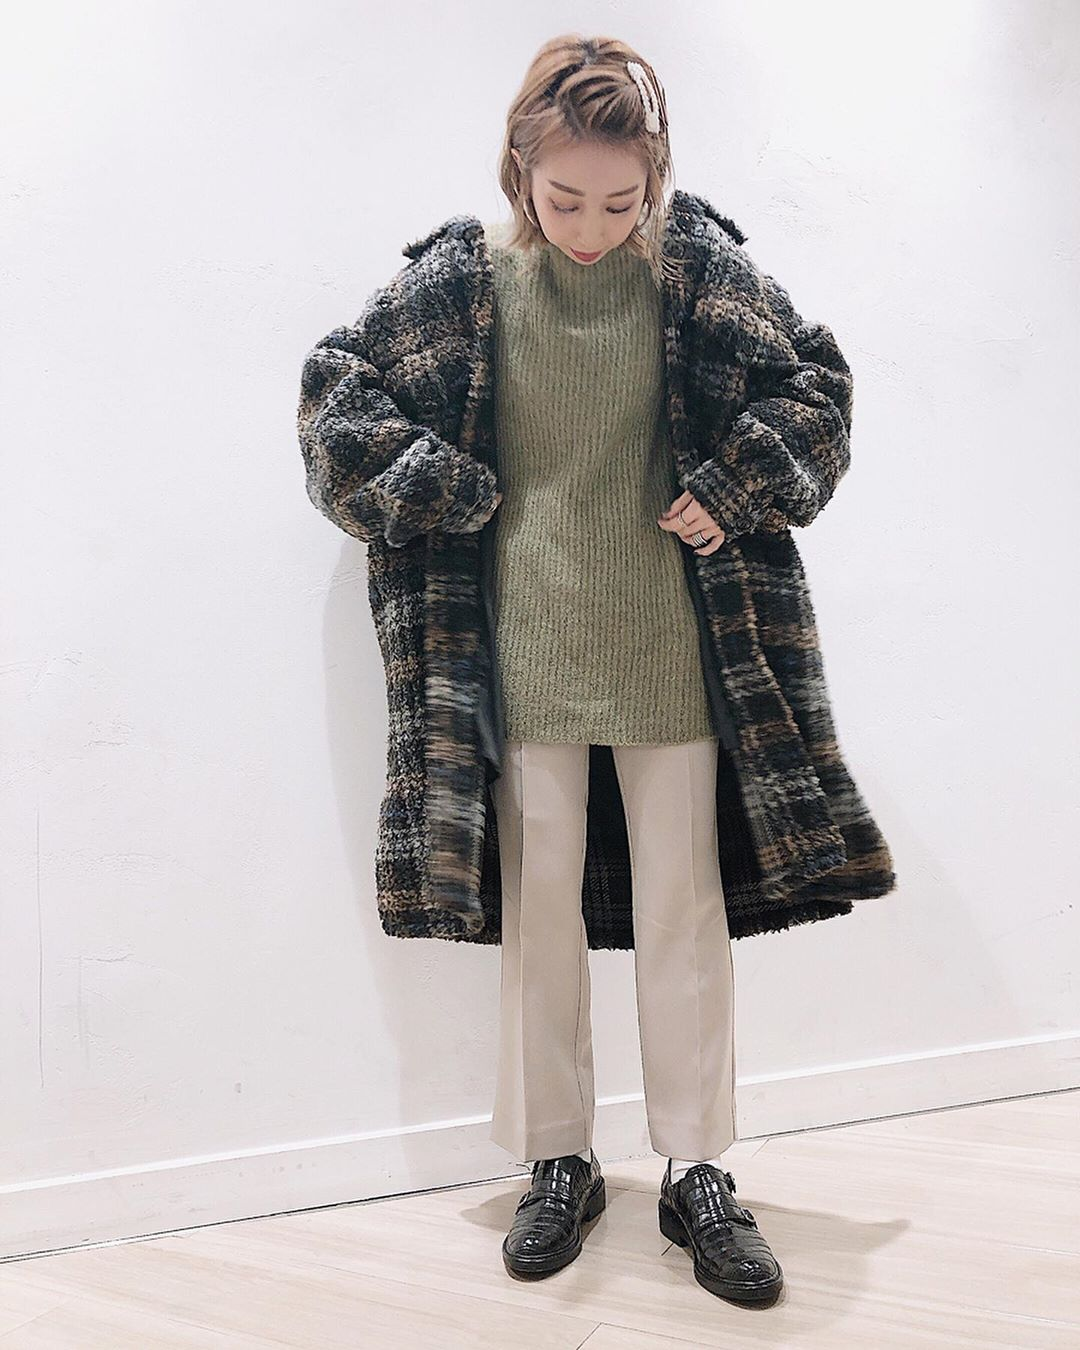 最高気温15度・最低気温7度 akaririri_1022の服装